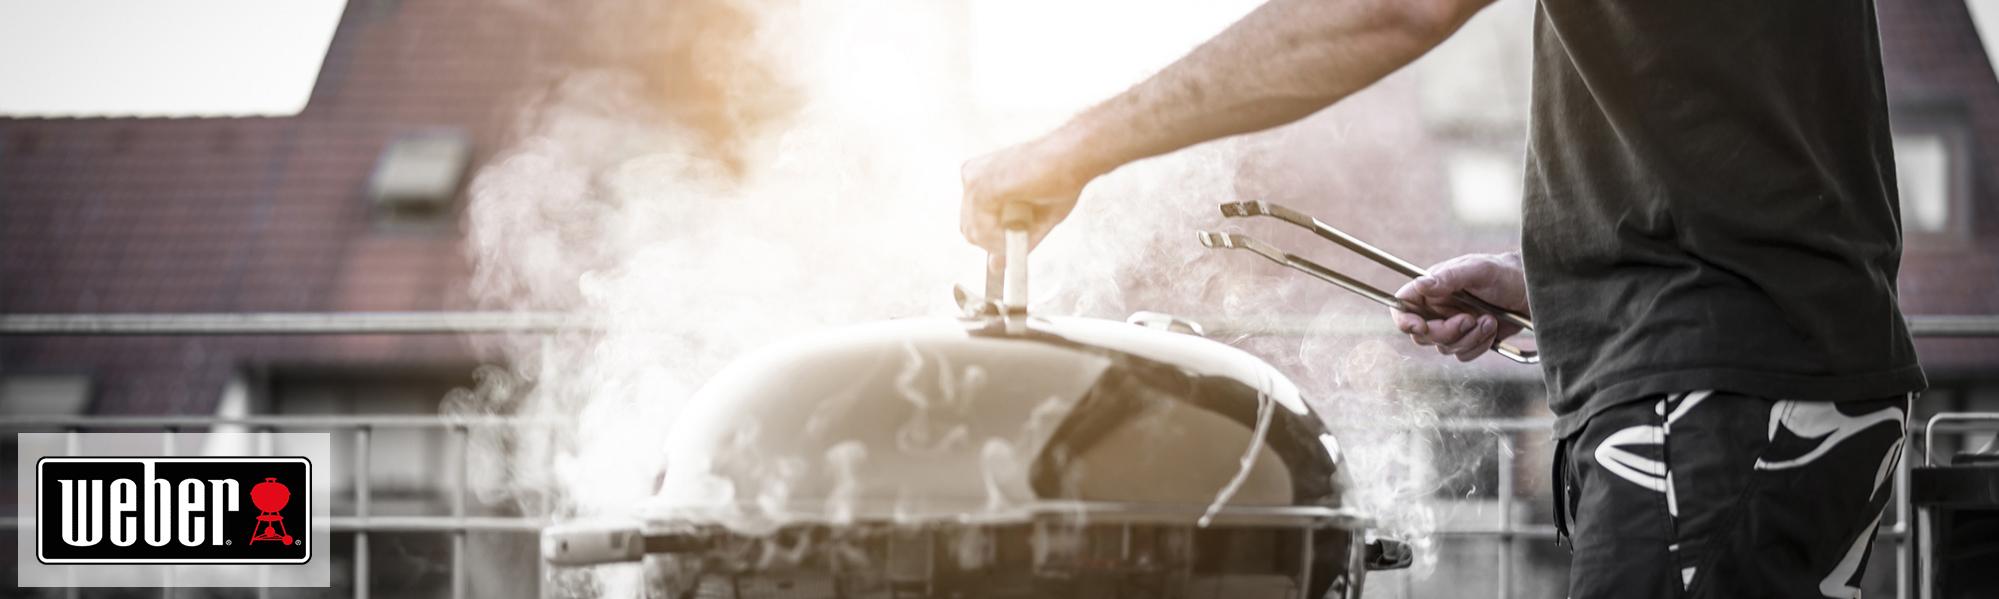 Viel Auswahl an weber Grills bei Wohn Schick und im online Shop. Bei fragen, einfach online Termin vereinbaren